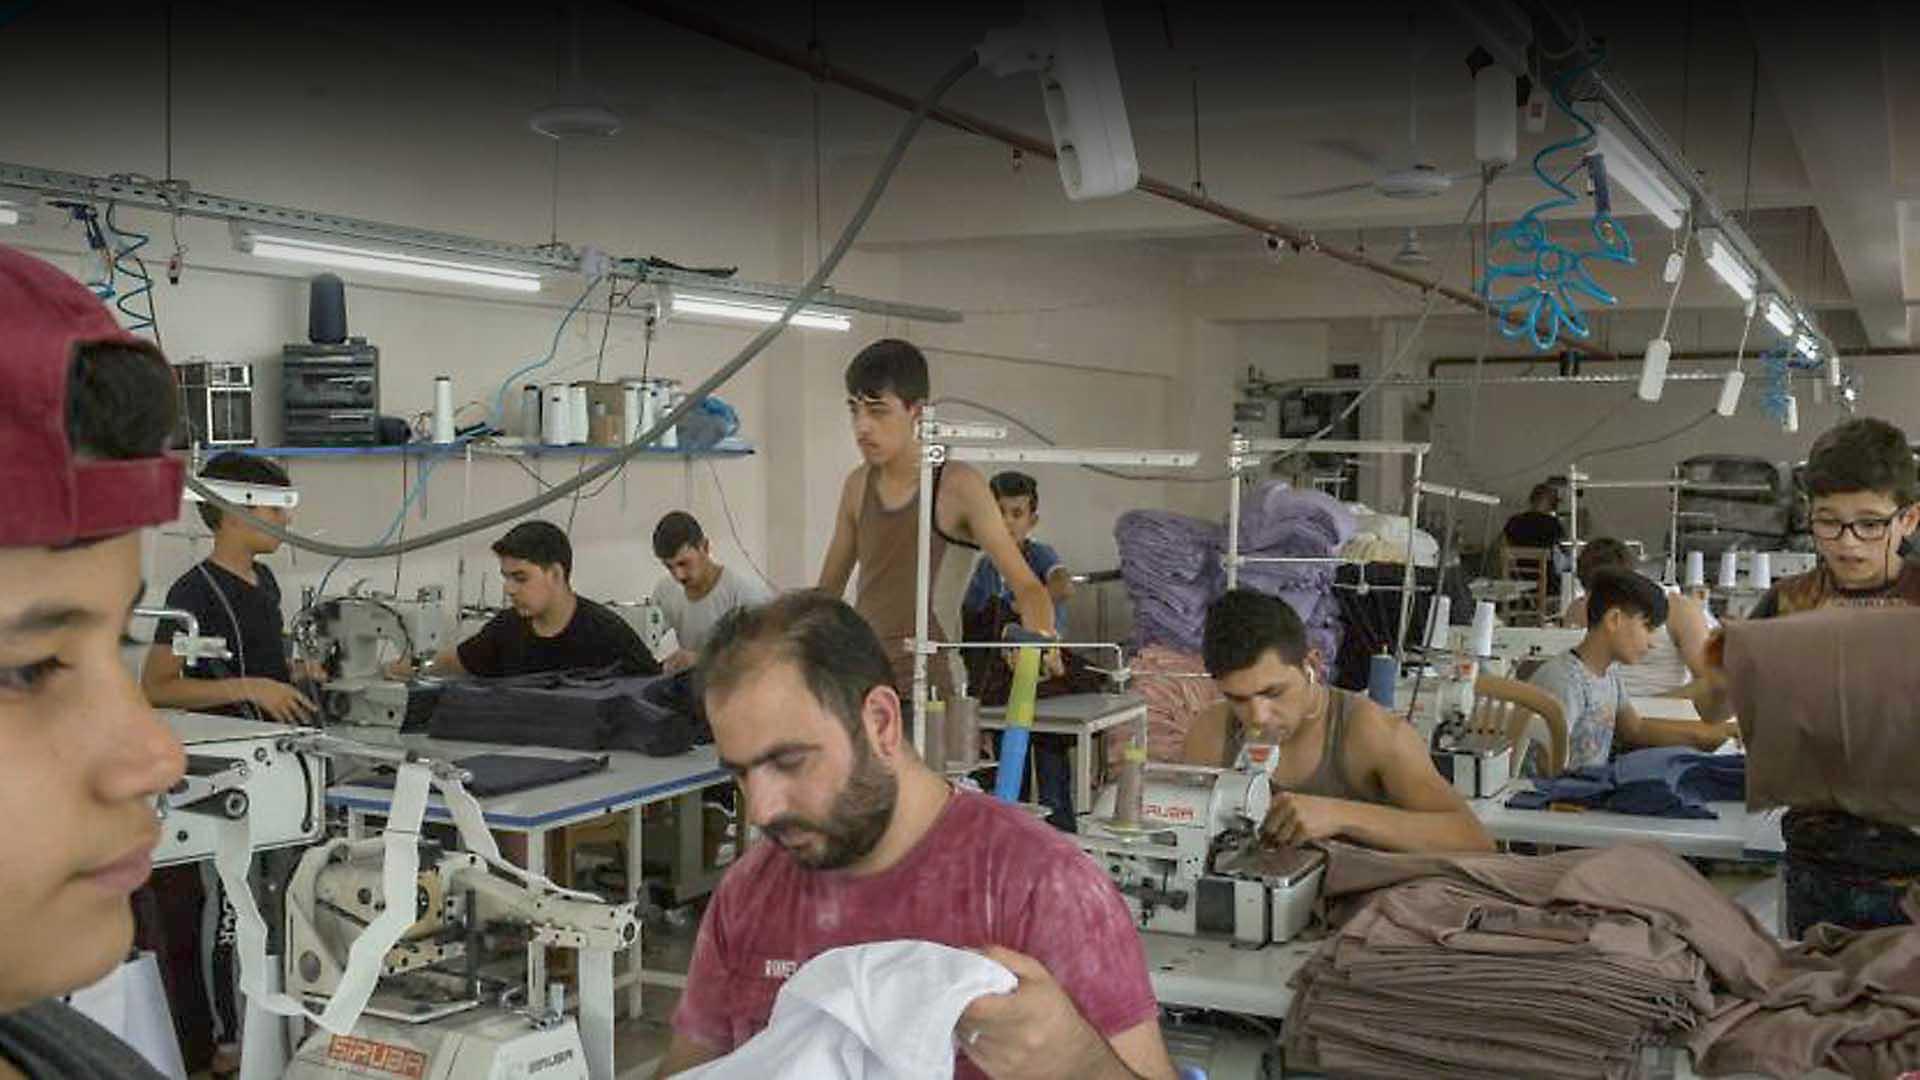 الأثر الاقتصادي للجوء السوري في تركيا